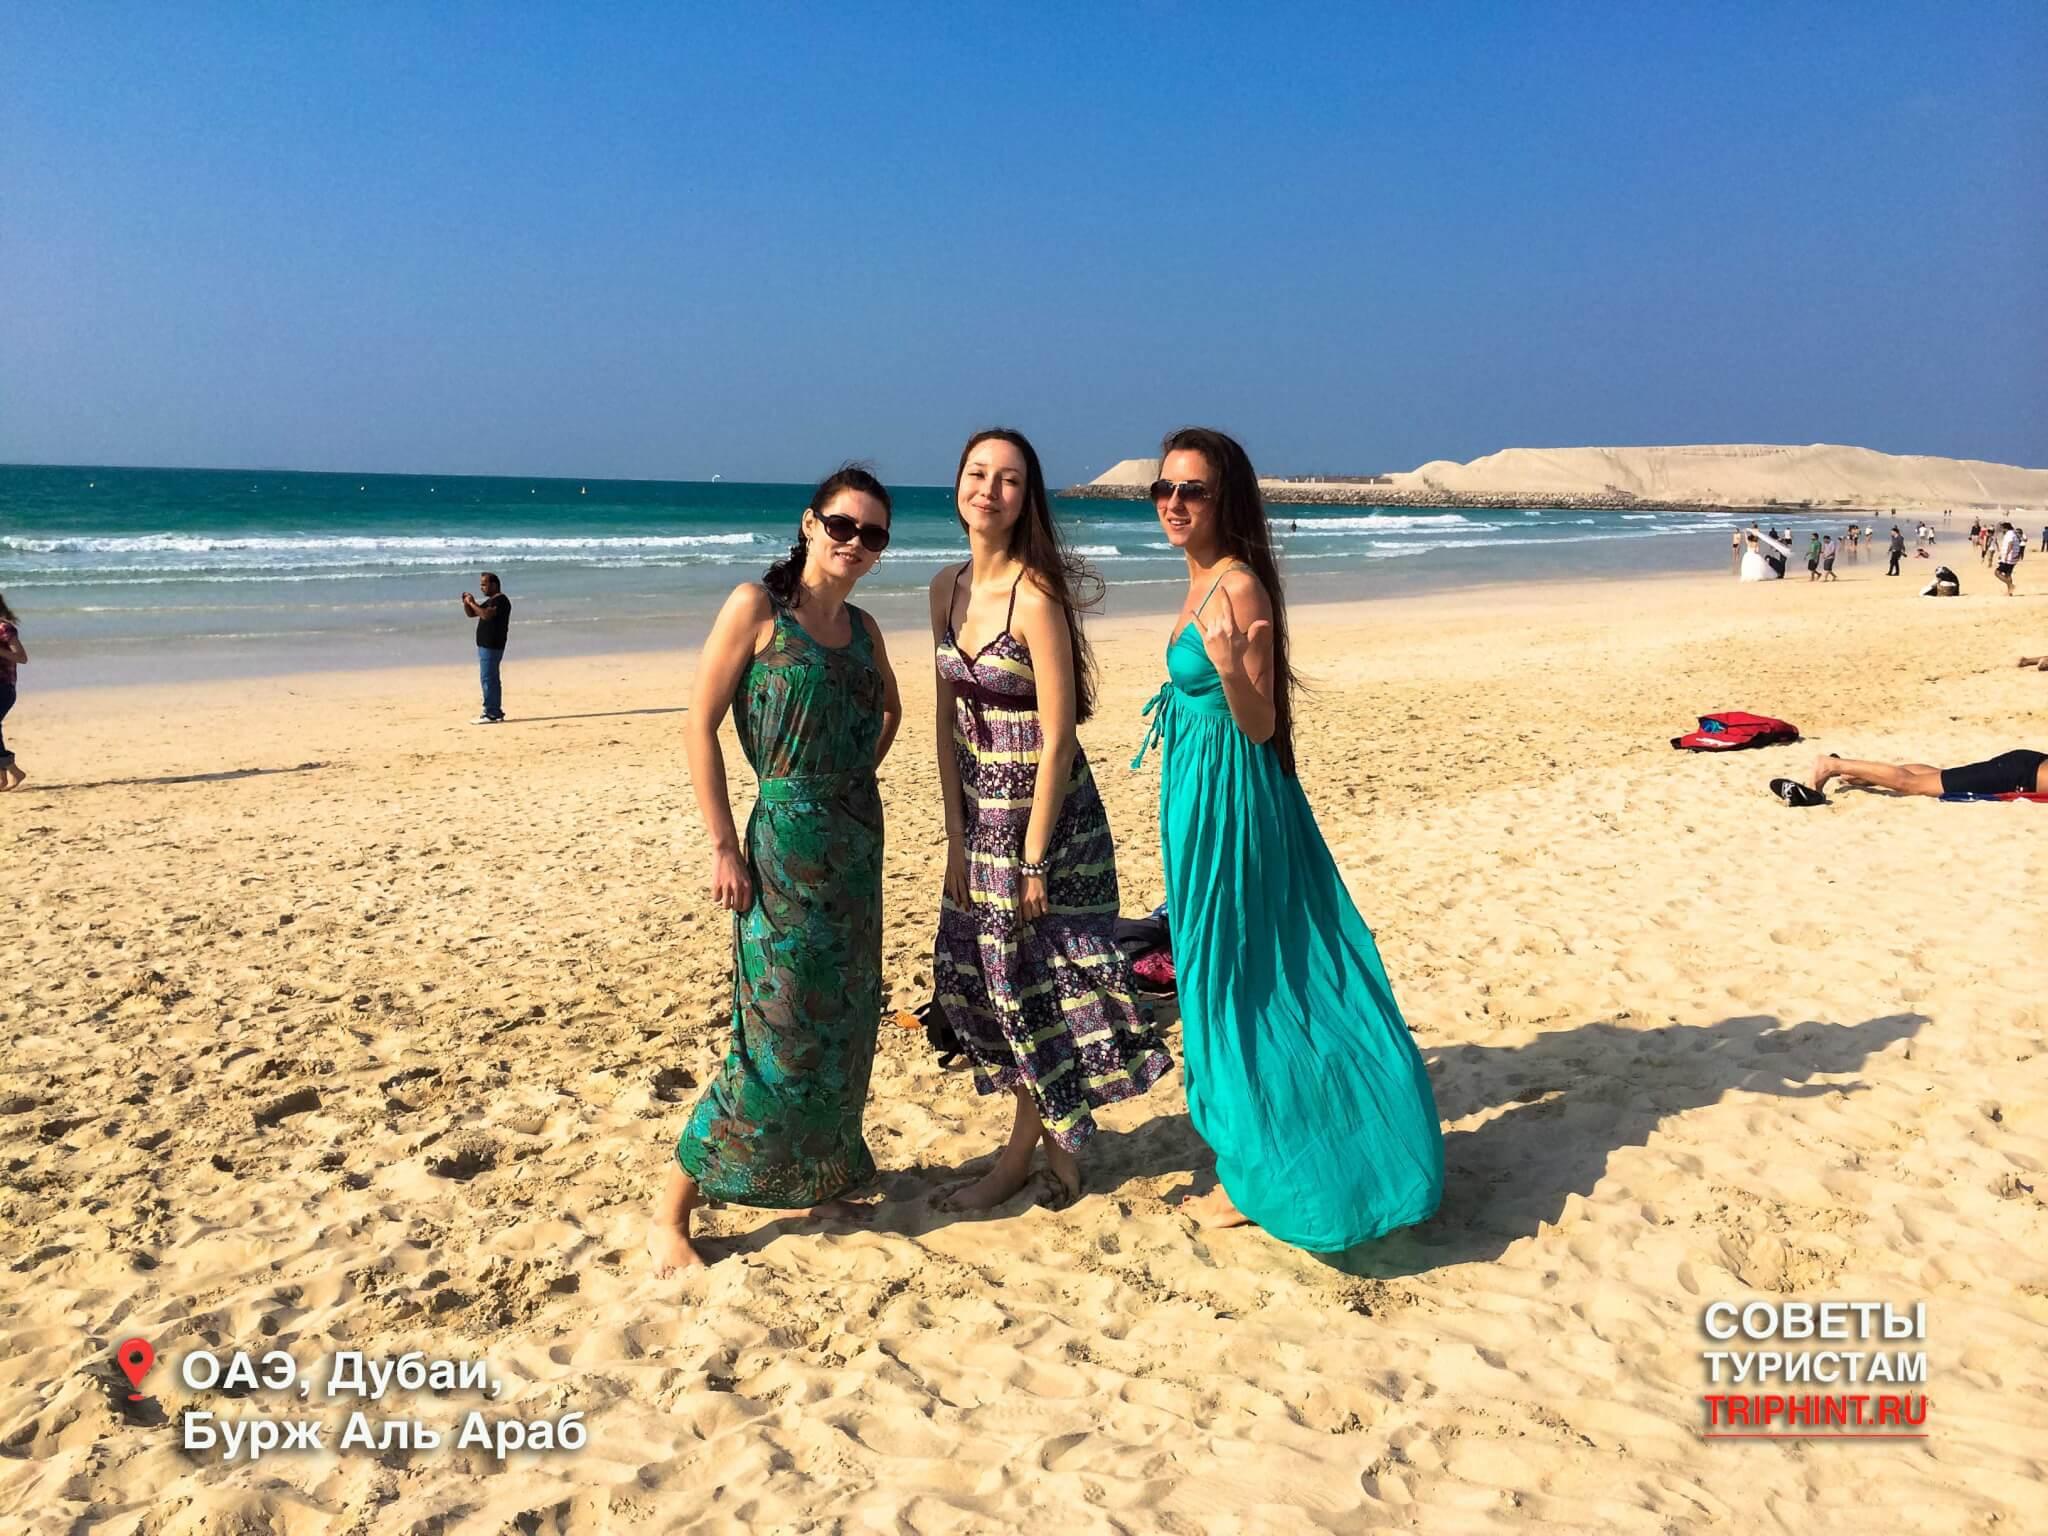 Пляжный отдых в ОАЭ в октябре. Дубаи, пляж Бурж Аль Араб